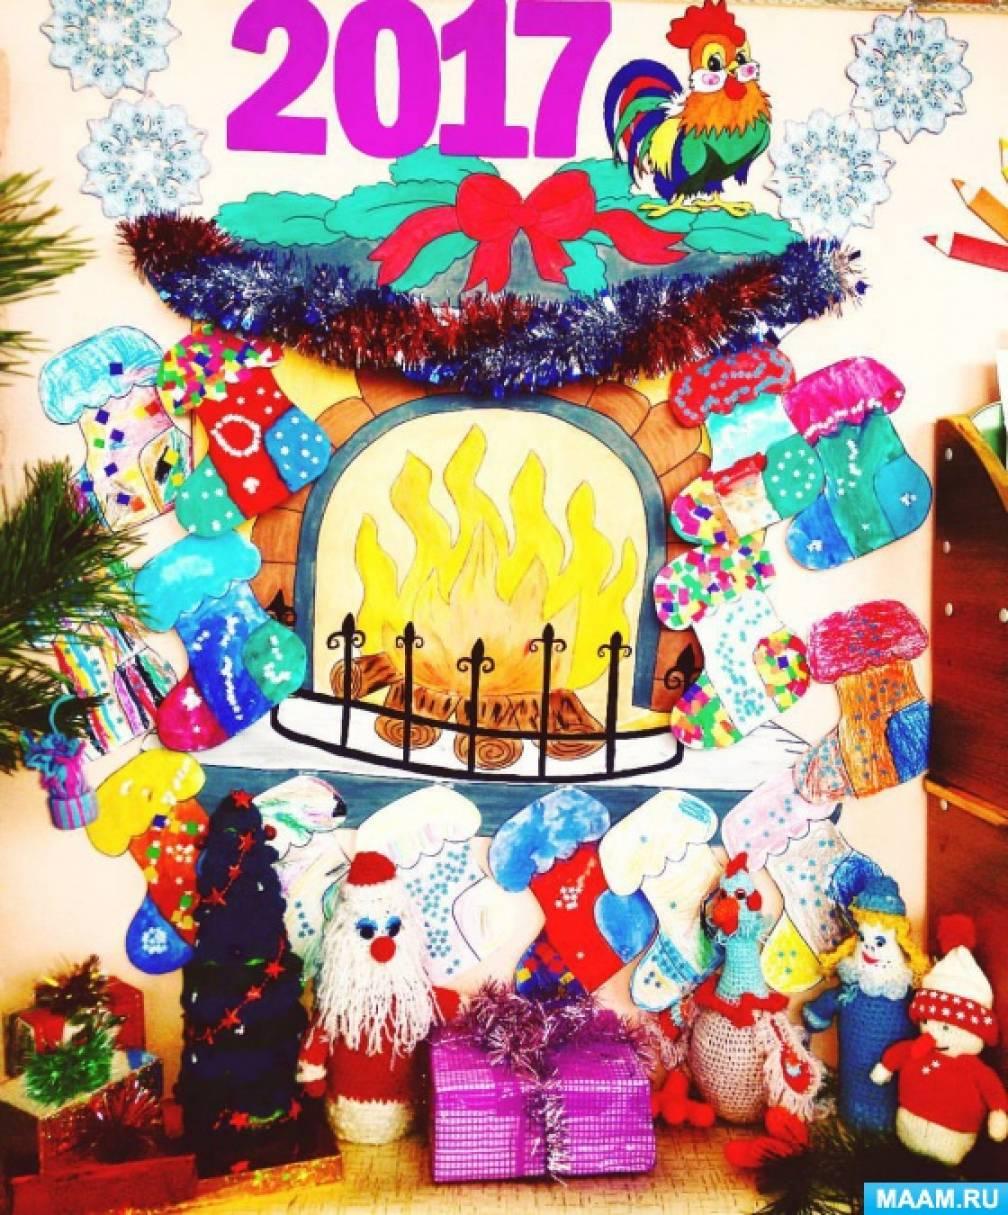 Новогоднее оформление уголка в группе «Новогодний камин»